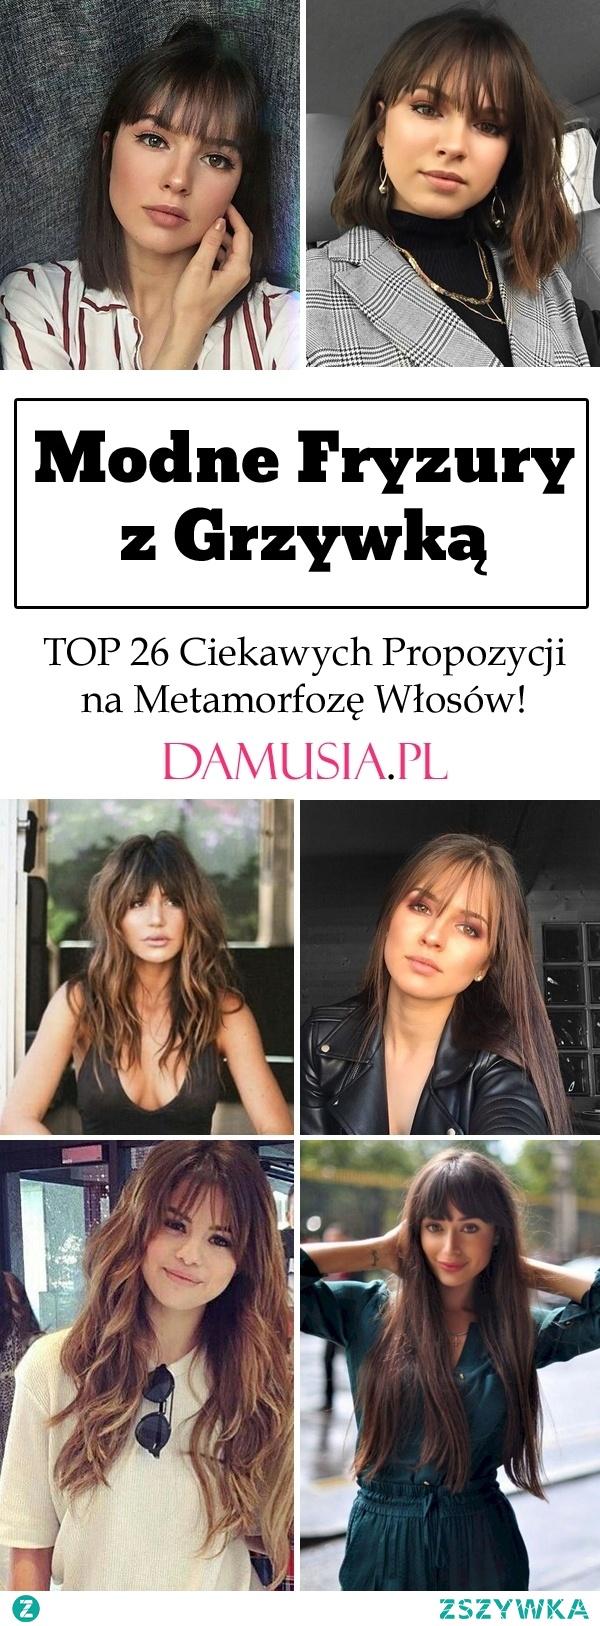 Modne Fryzury z Grzywką – TOP 26 Ciekawych Propozycji na Metamorfozę Włosów!